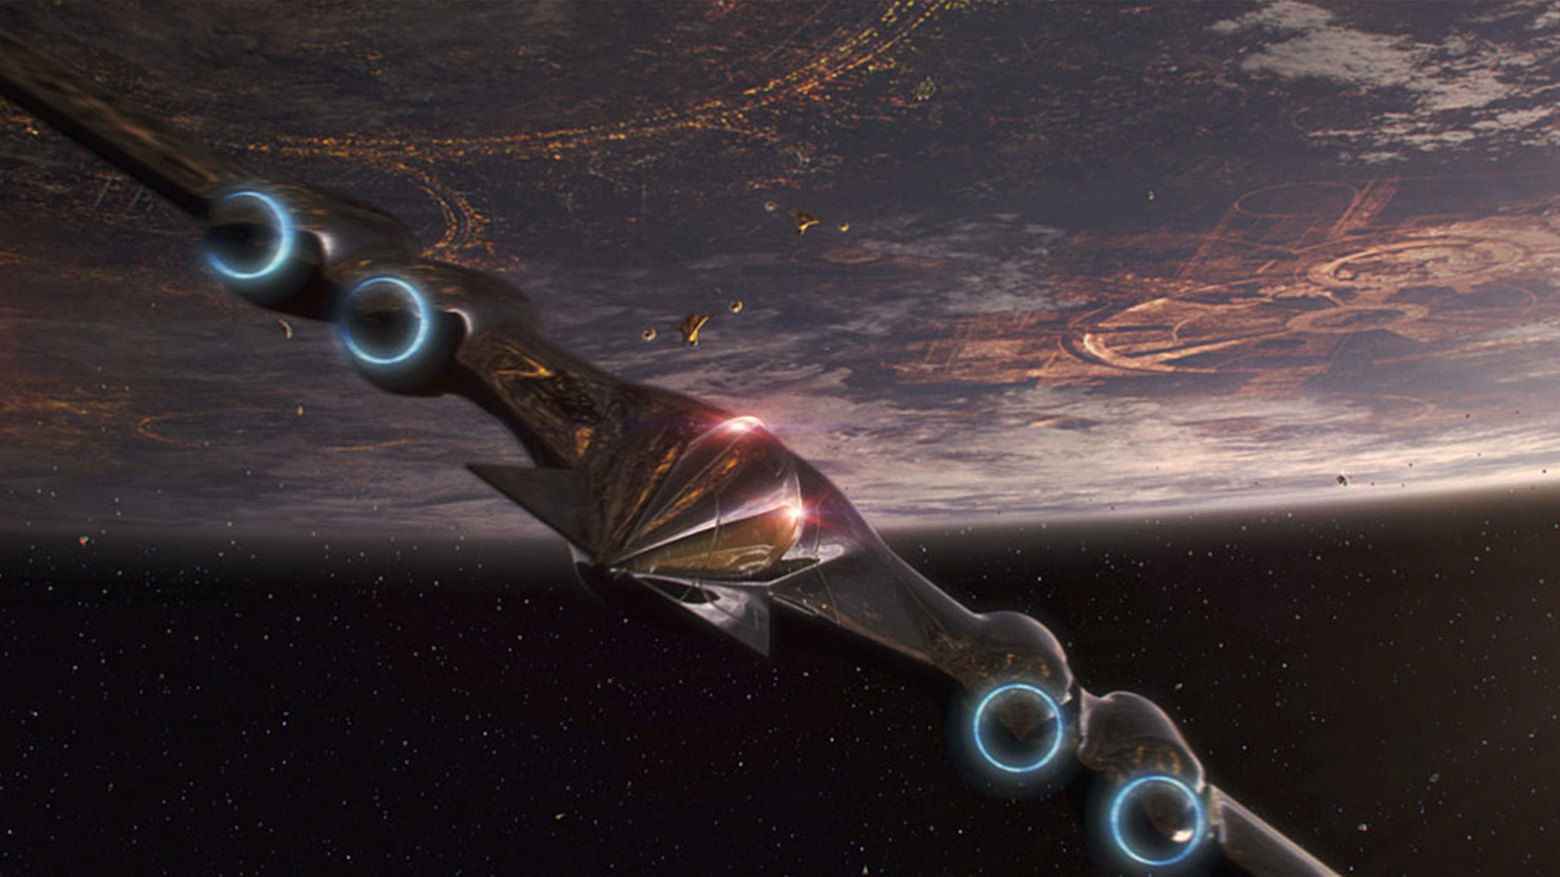 star-wars-approaching-coruscant.jpeg